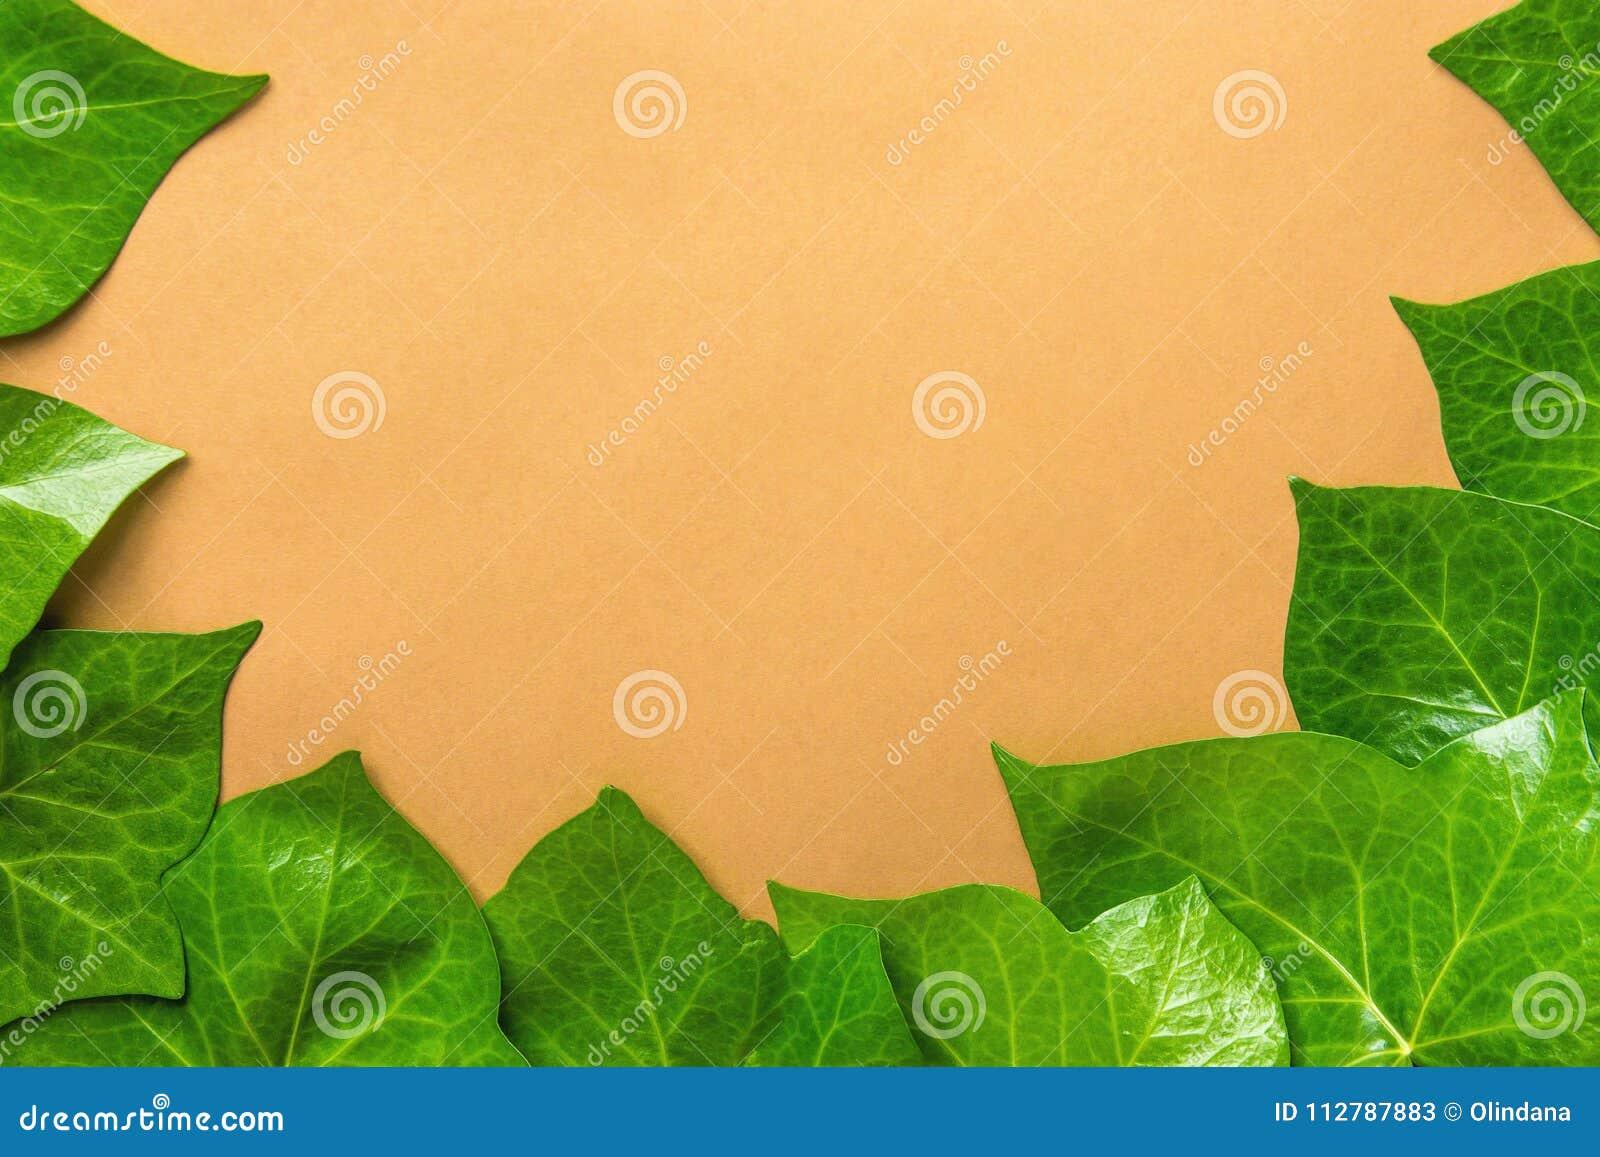 Teste padrão bonito de Ivy Leaves Forming Frame Border verde fresca no fundo bege Cartaz Botanica da bandeira